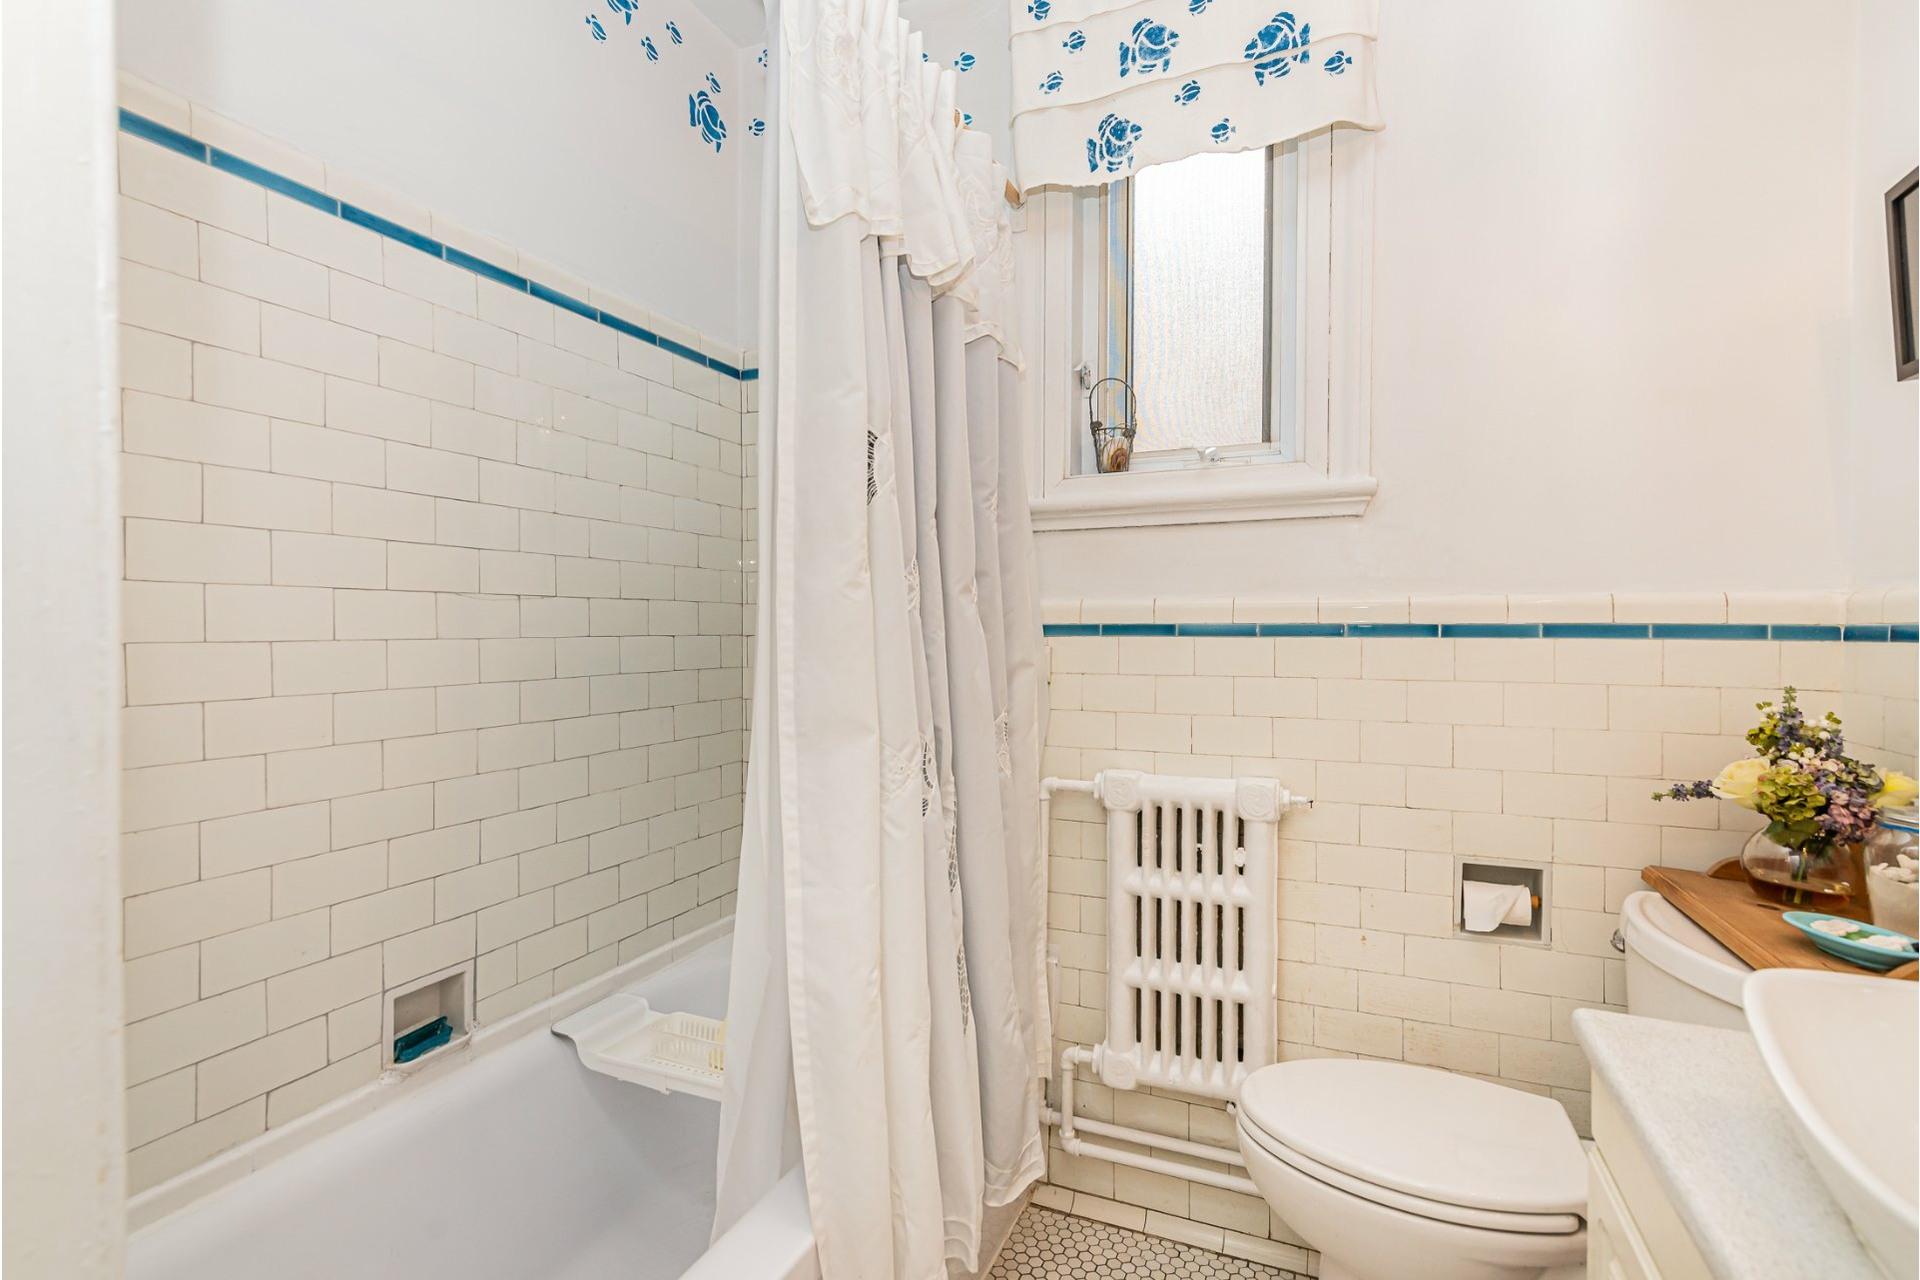 image 14 - Appartement À vendre Côte-des-Neiges/Notre-Dame-de-Grâce Montréal  - 7 pièces